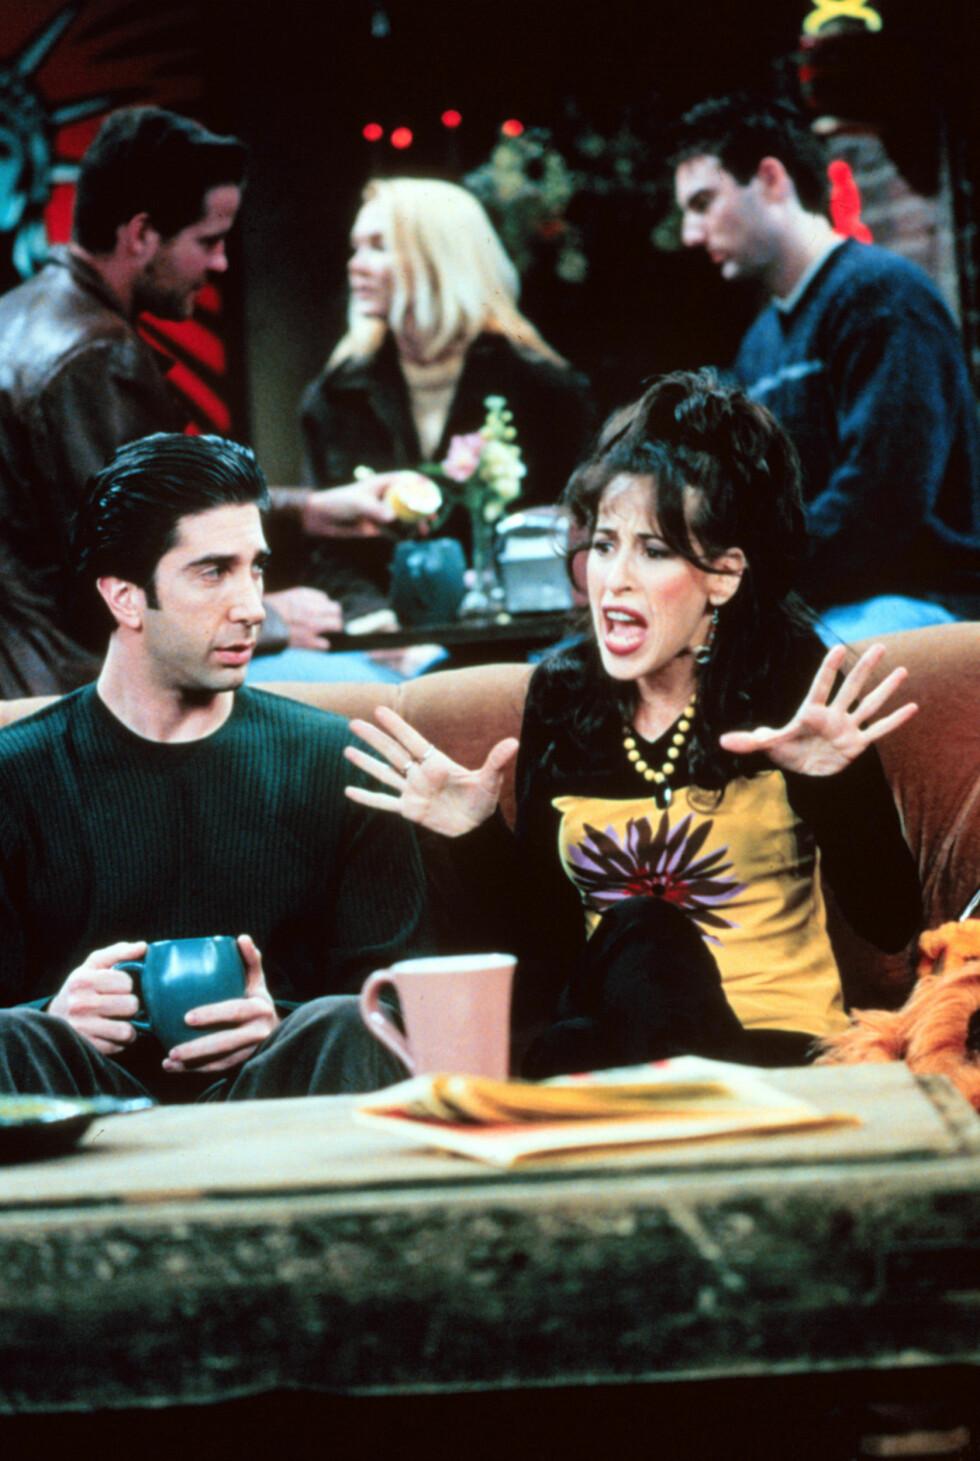 KARAKTERISTISK ROLLE: Maggie Wheelers rolle som Janice i «Friends» har tydelig ikke godt i glemmeboka for seriens trofaste fans. Her er skuespilleren avbildet med David Schwimmer, som spilte rollen som Ross.  Foto: TV2